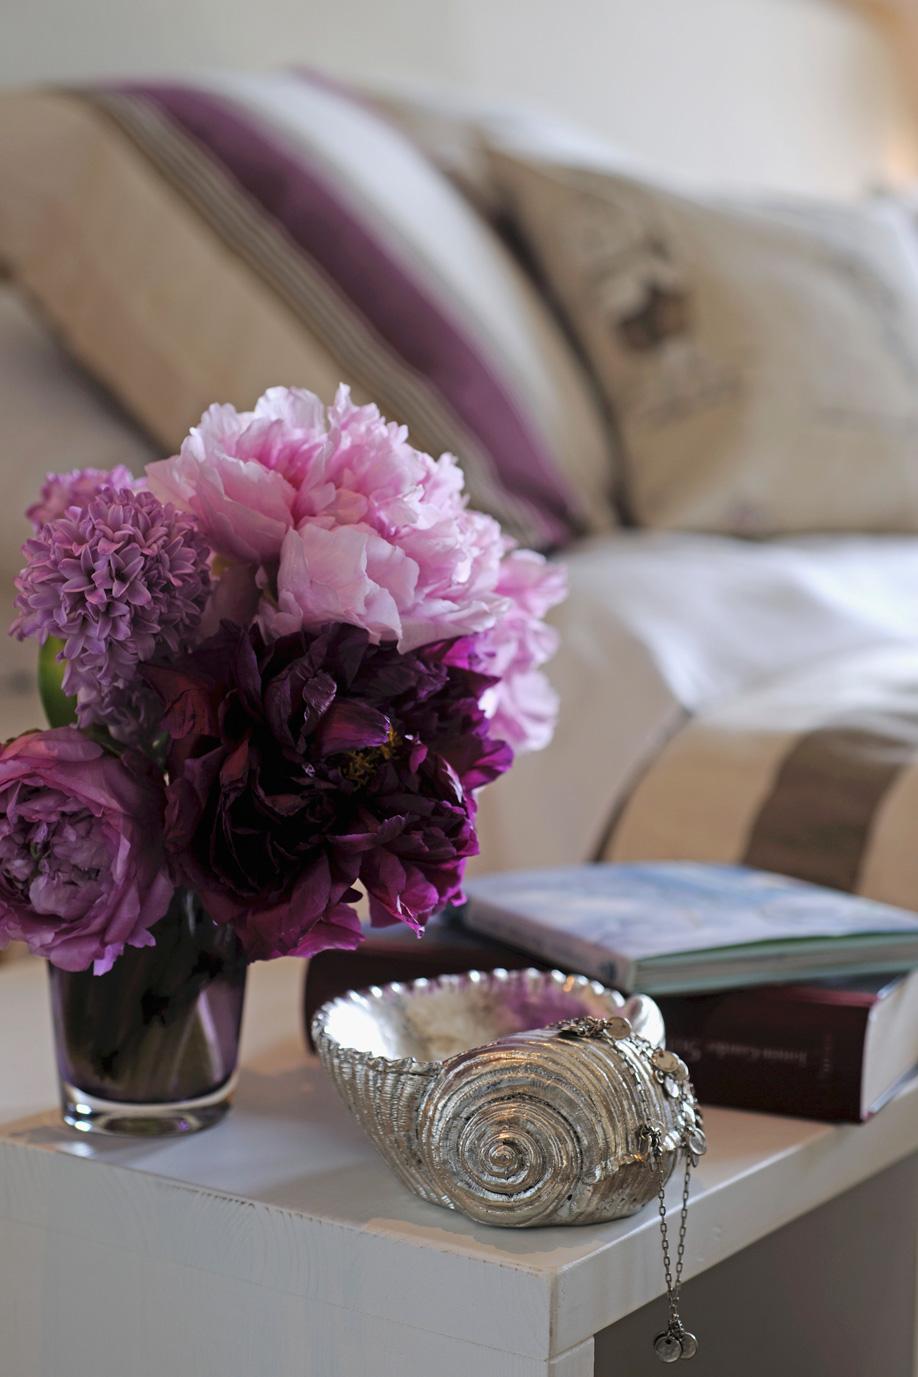 westwing-sypialnia-bukiet-kwiatow